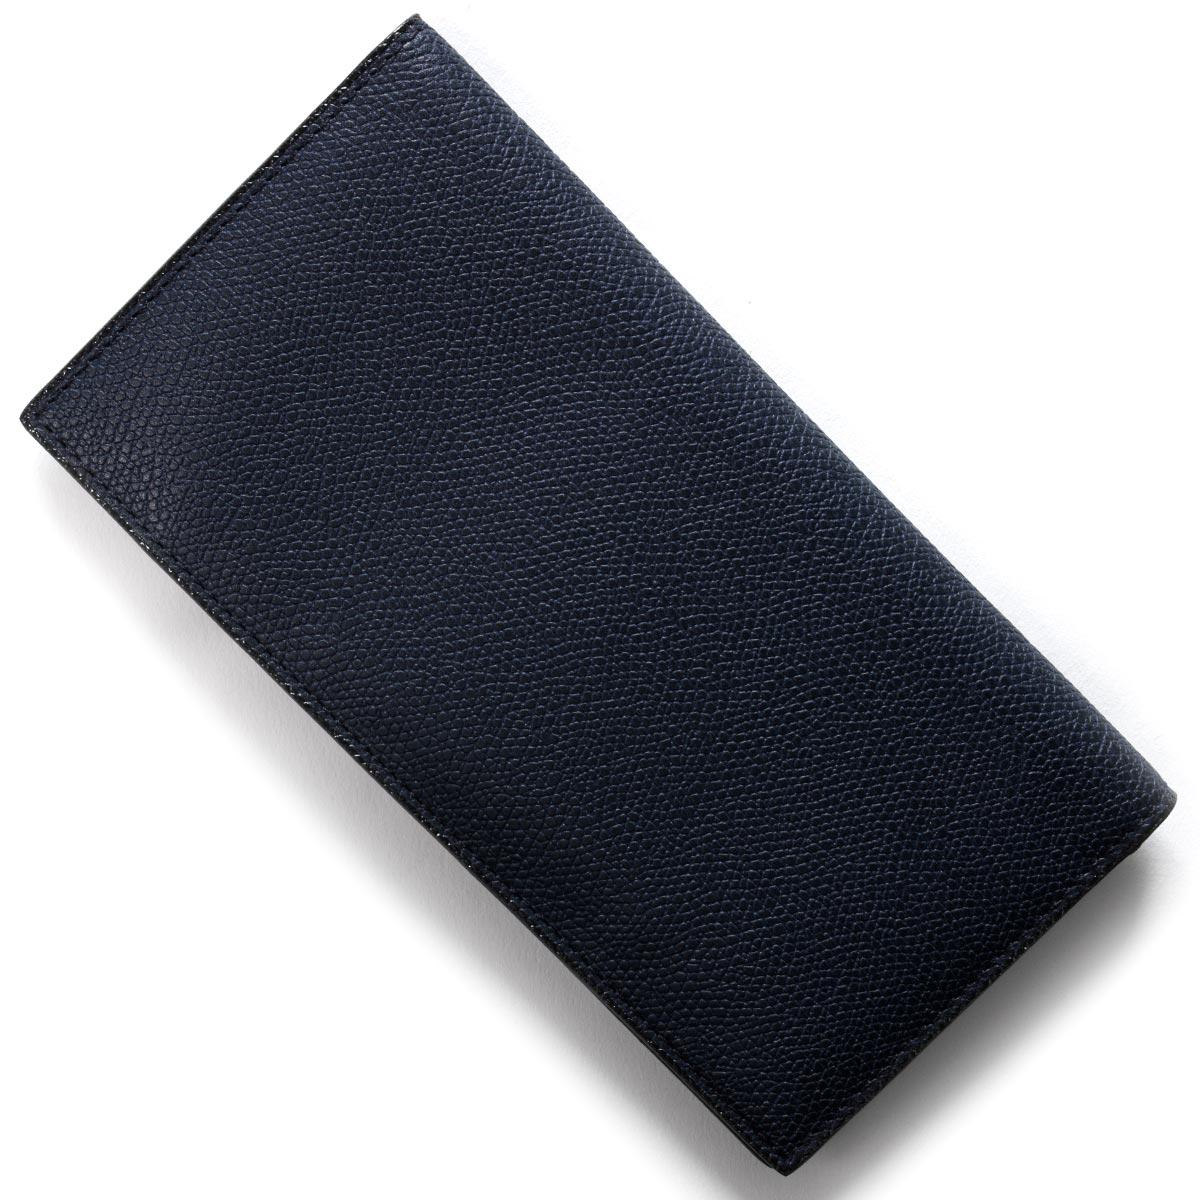 ヴァレクストラ 長財布【札入れ】 財布 メンズ レディース ネイビー V8L21 028 OU VALEXTRA